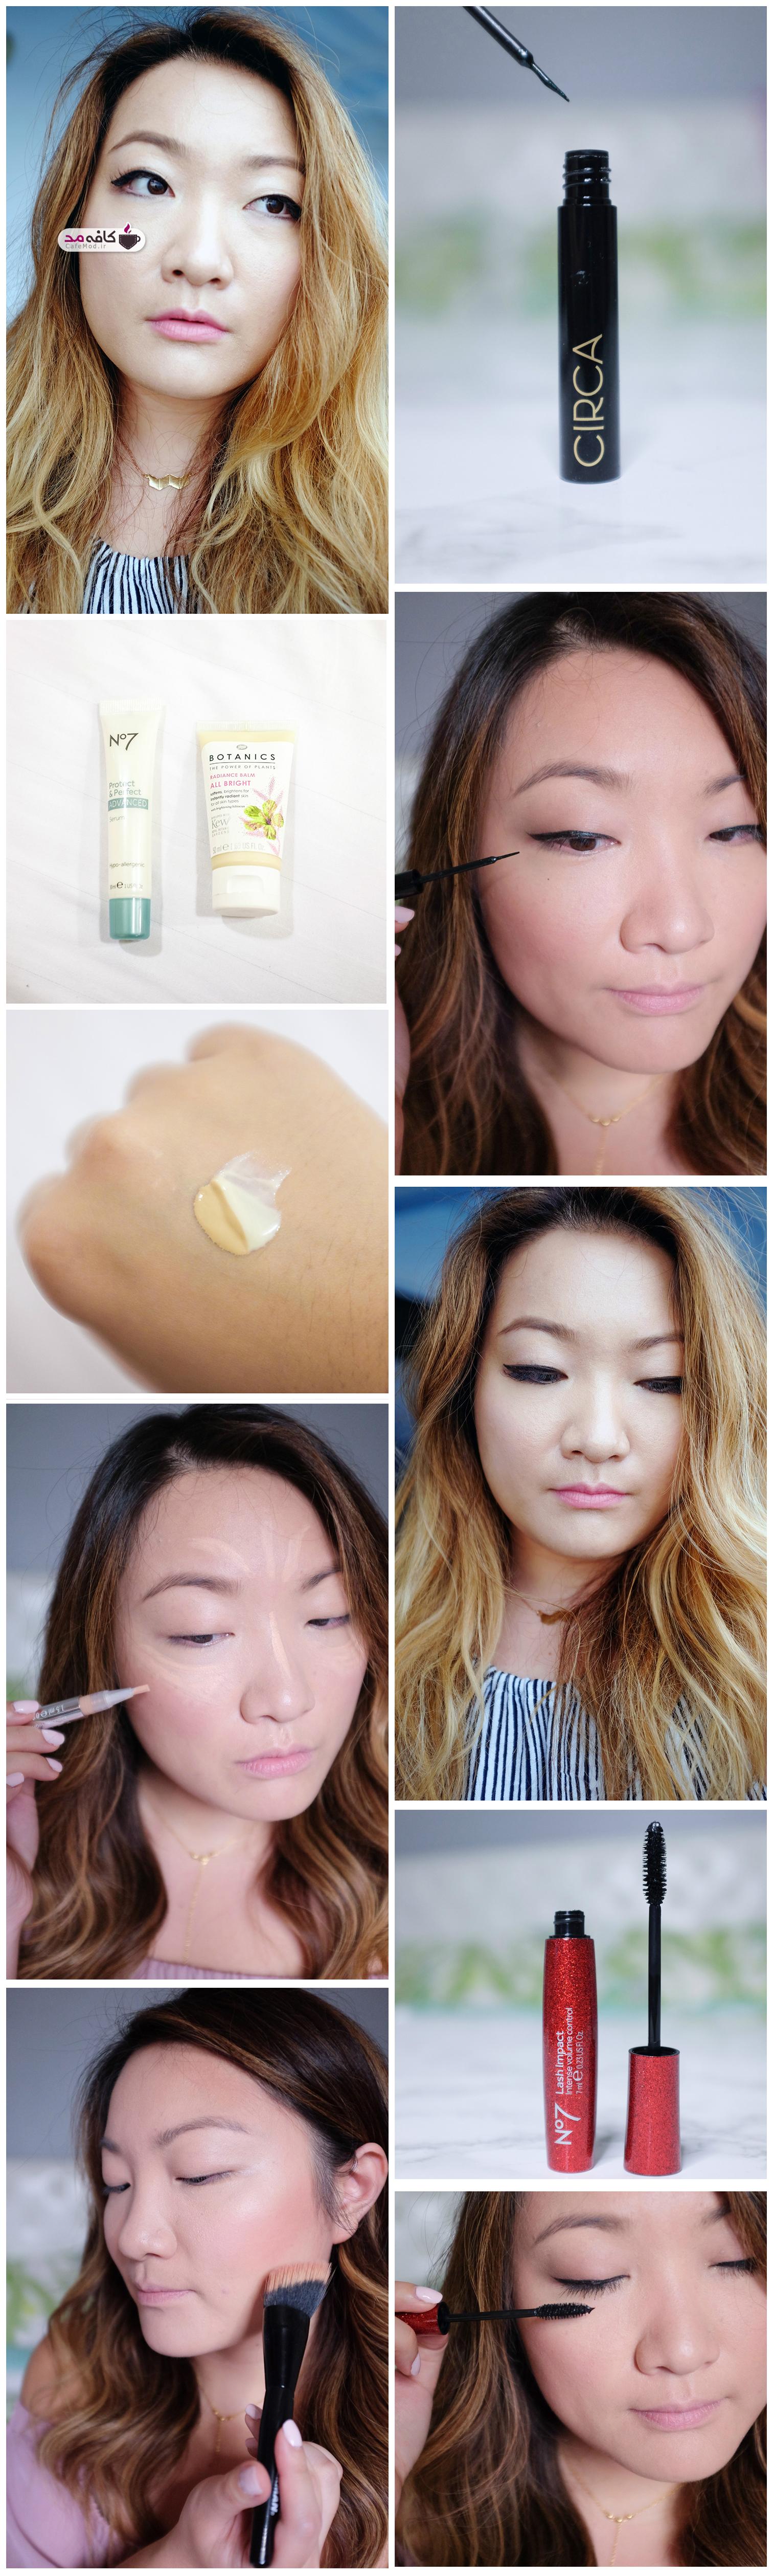 آموزش آرایش صورت و چشم